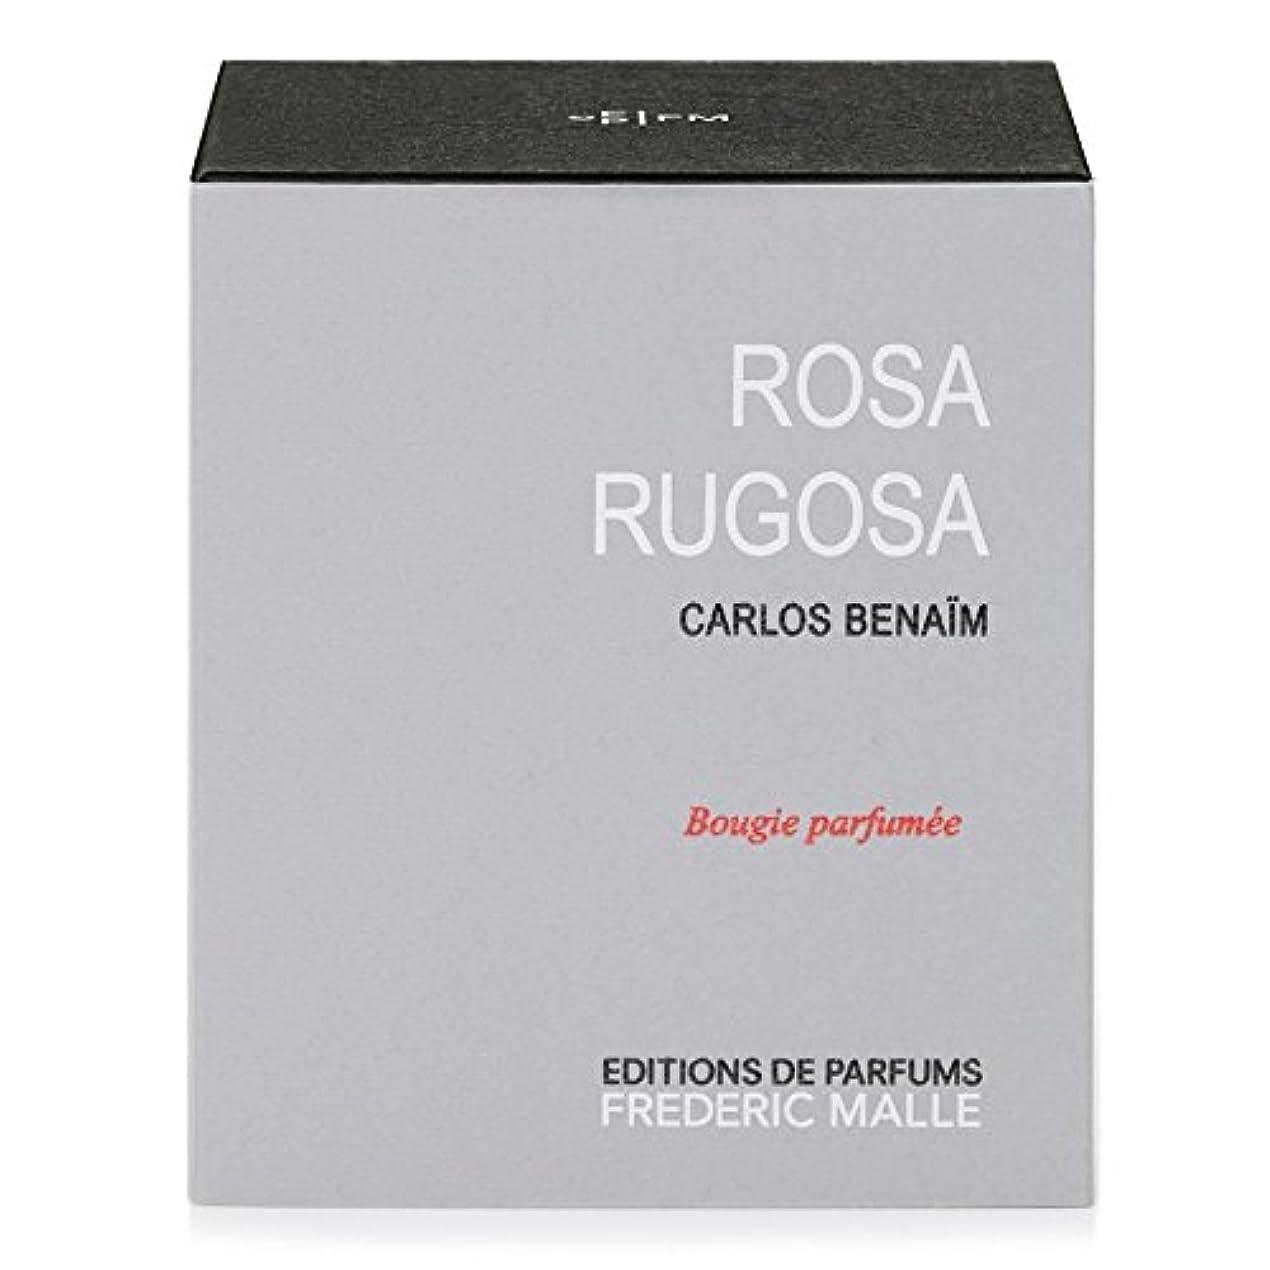 リブインカ帝国ドラッグFrederic Malle Rosa Rugosa Scented Candle - フレデリック?マルハマナスの香りのキャンドル [並行輸入品]